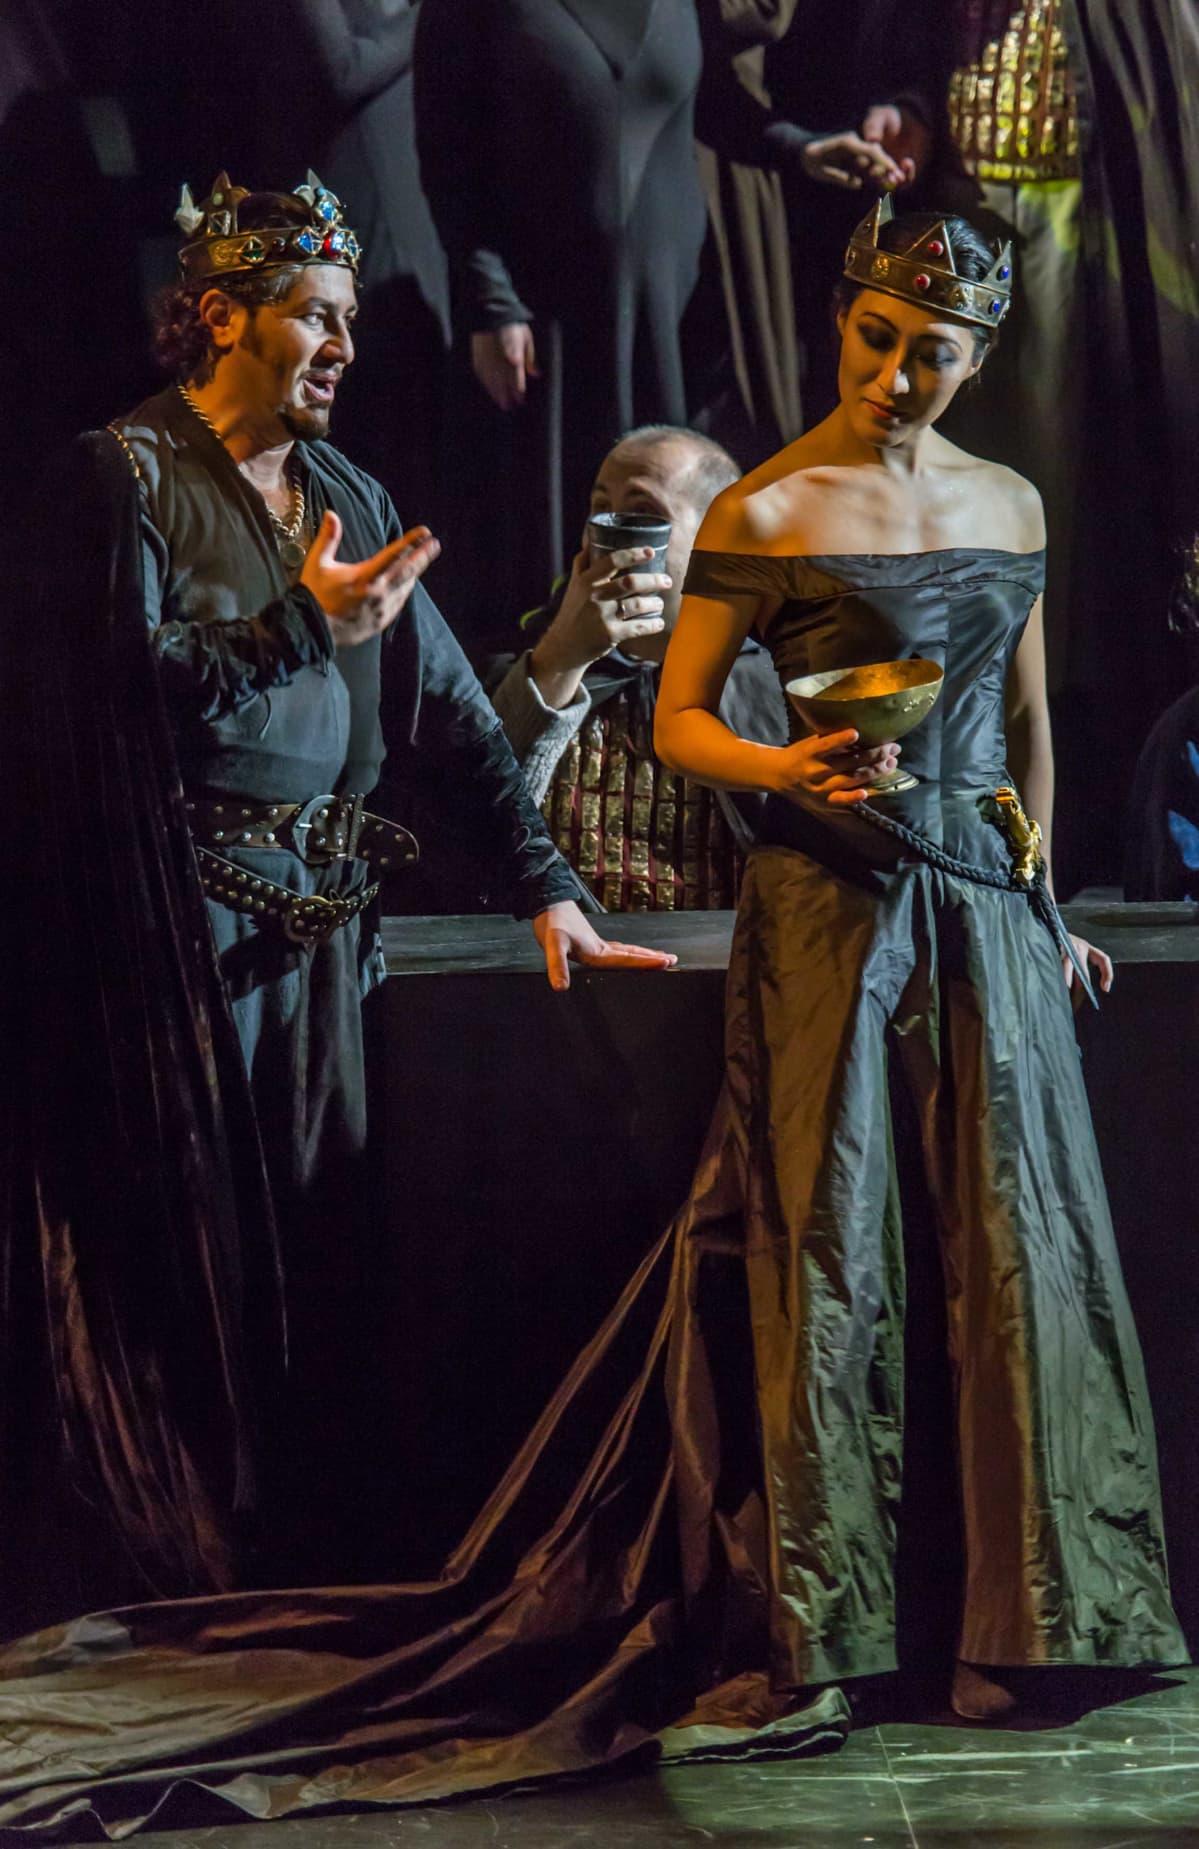 Lady Macbeth (Vittoria Yeo) ja Macbeth (Evez Abdulla) pystyvät julmuuksiin vain toistensa tukemina. Savonlinnassa Macbethiä esittää Vladislav Sulimsky. Savonlinnan oopperajuhlat.